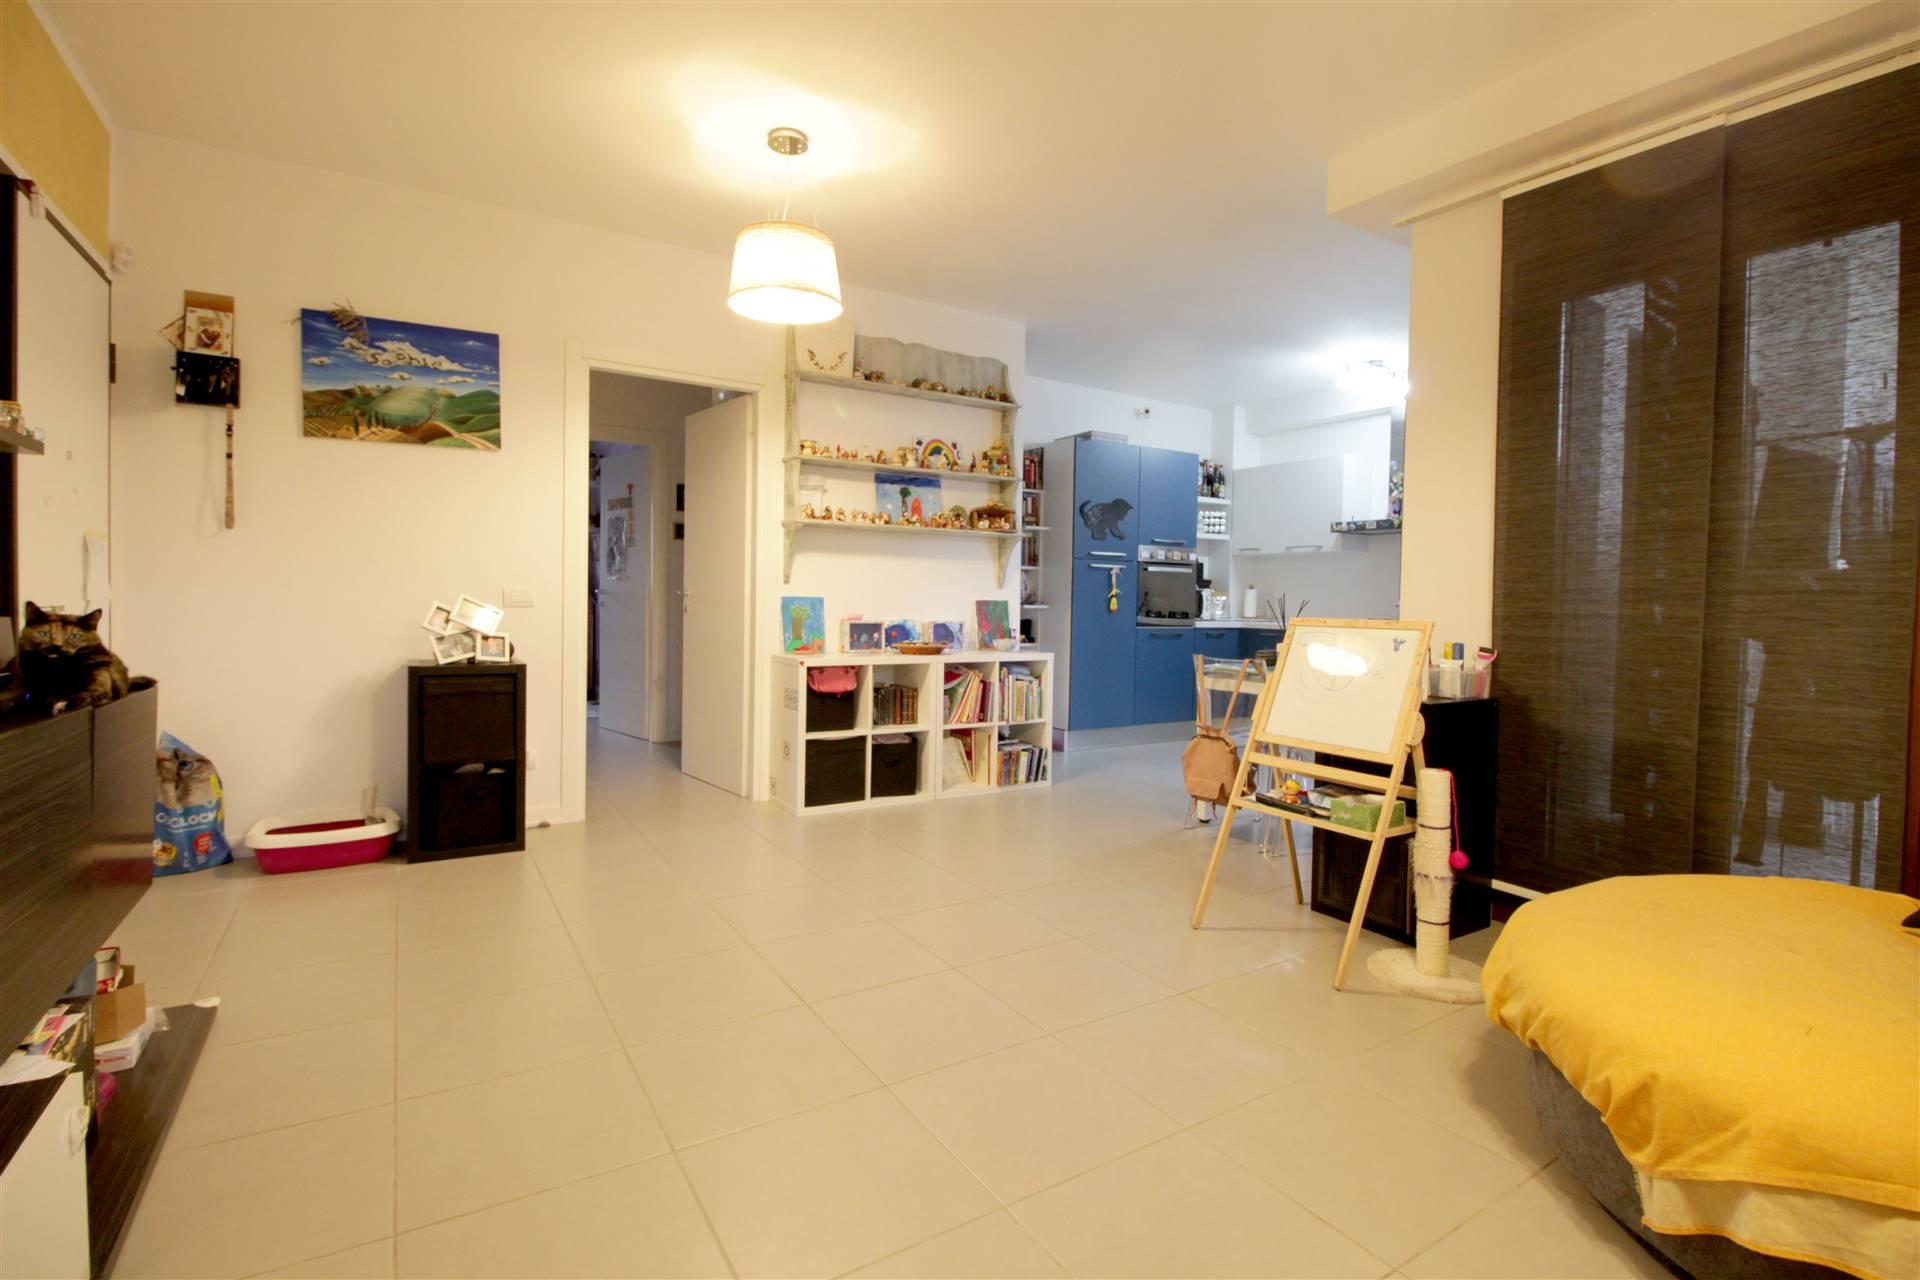 In loc. San Martino, proponiamo grazioso appartamento di recente costruzione (2016) di circa 80 mq così composto: ampio living con cucina a vista, comodo ripostiglio, terrazzo abitabile, 1 camera